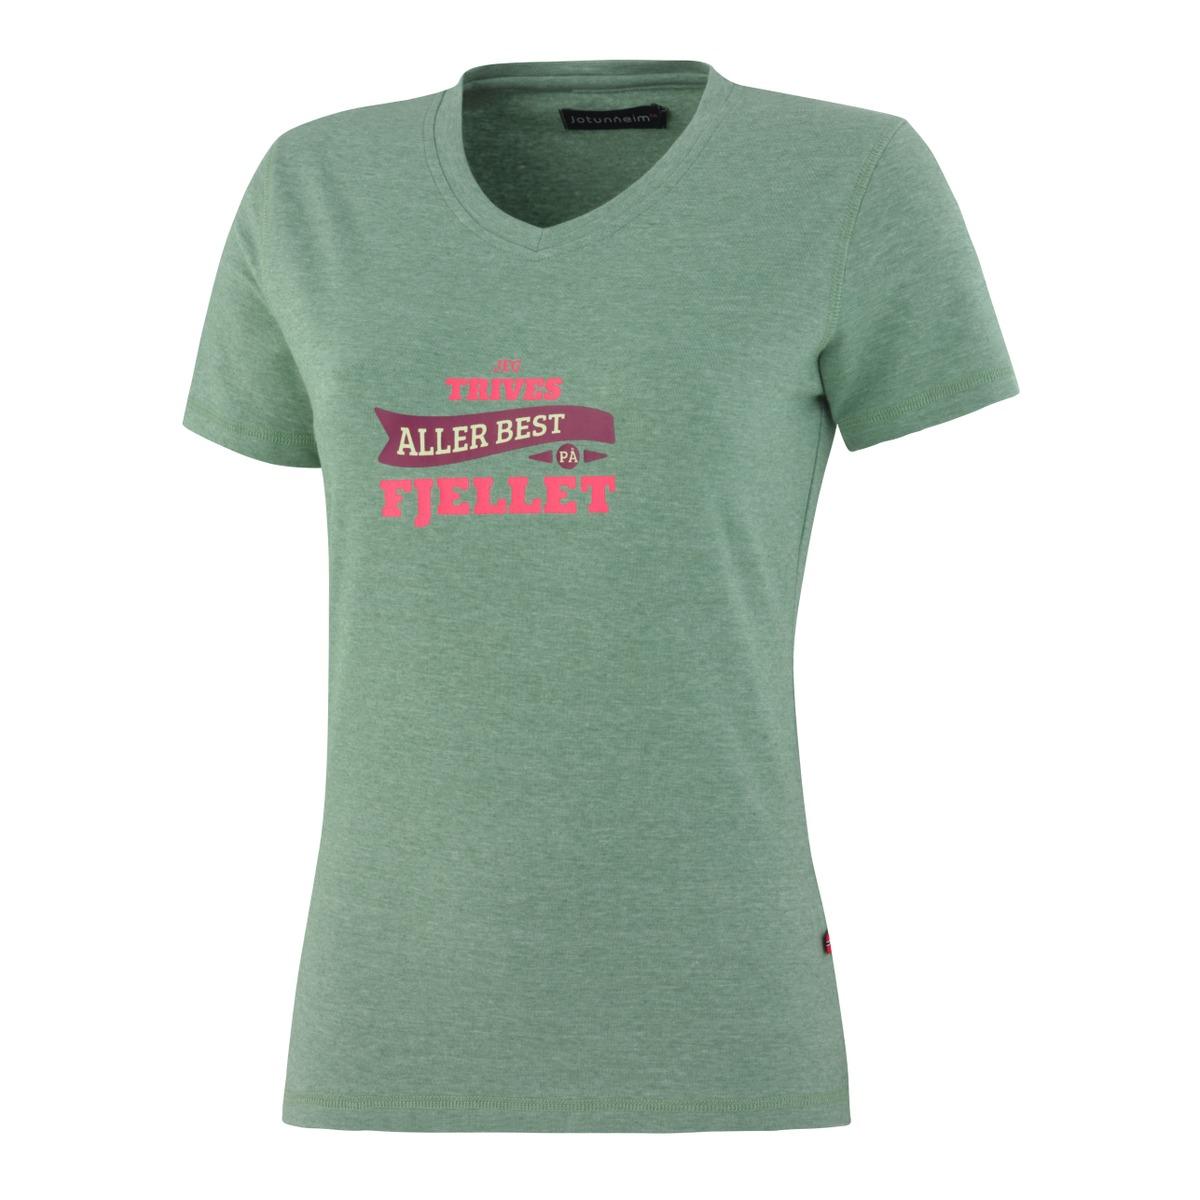 Topper og t skjorter til dame | MATCH nettbutikk